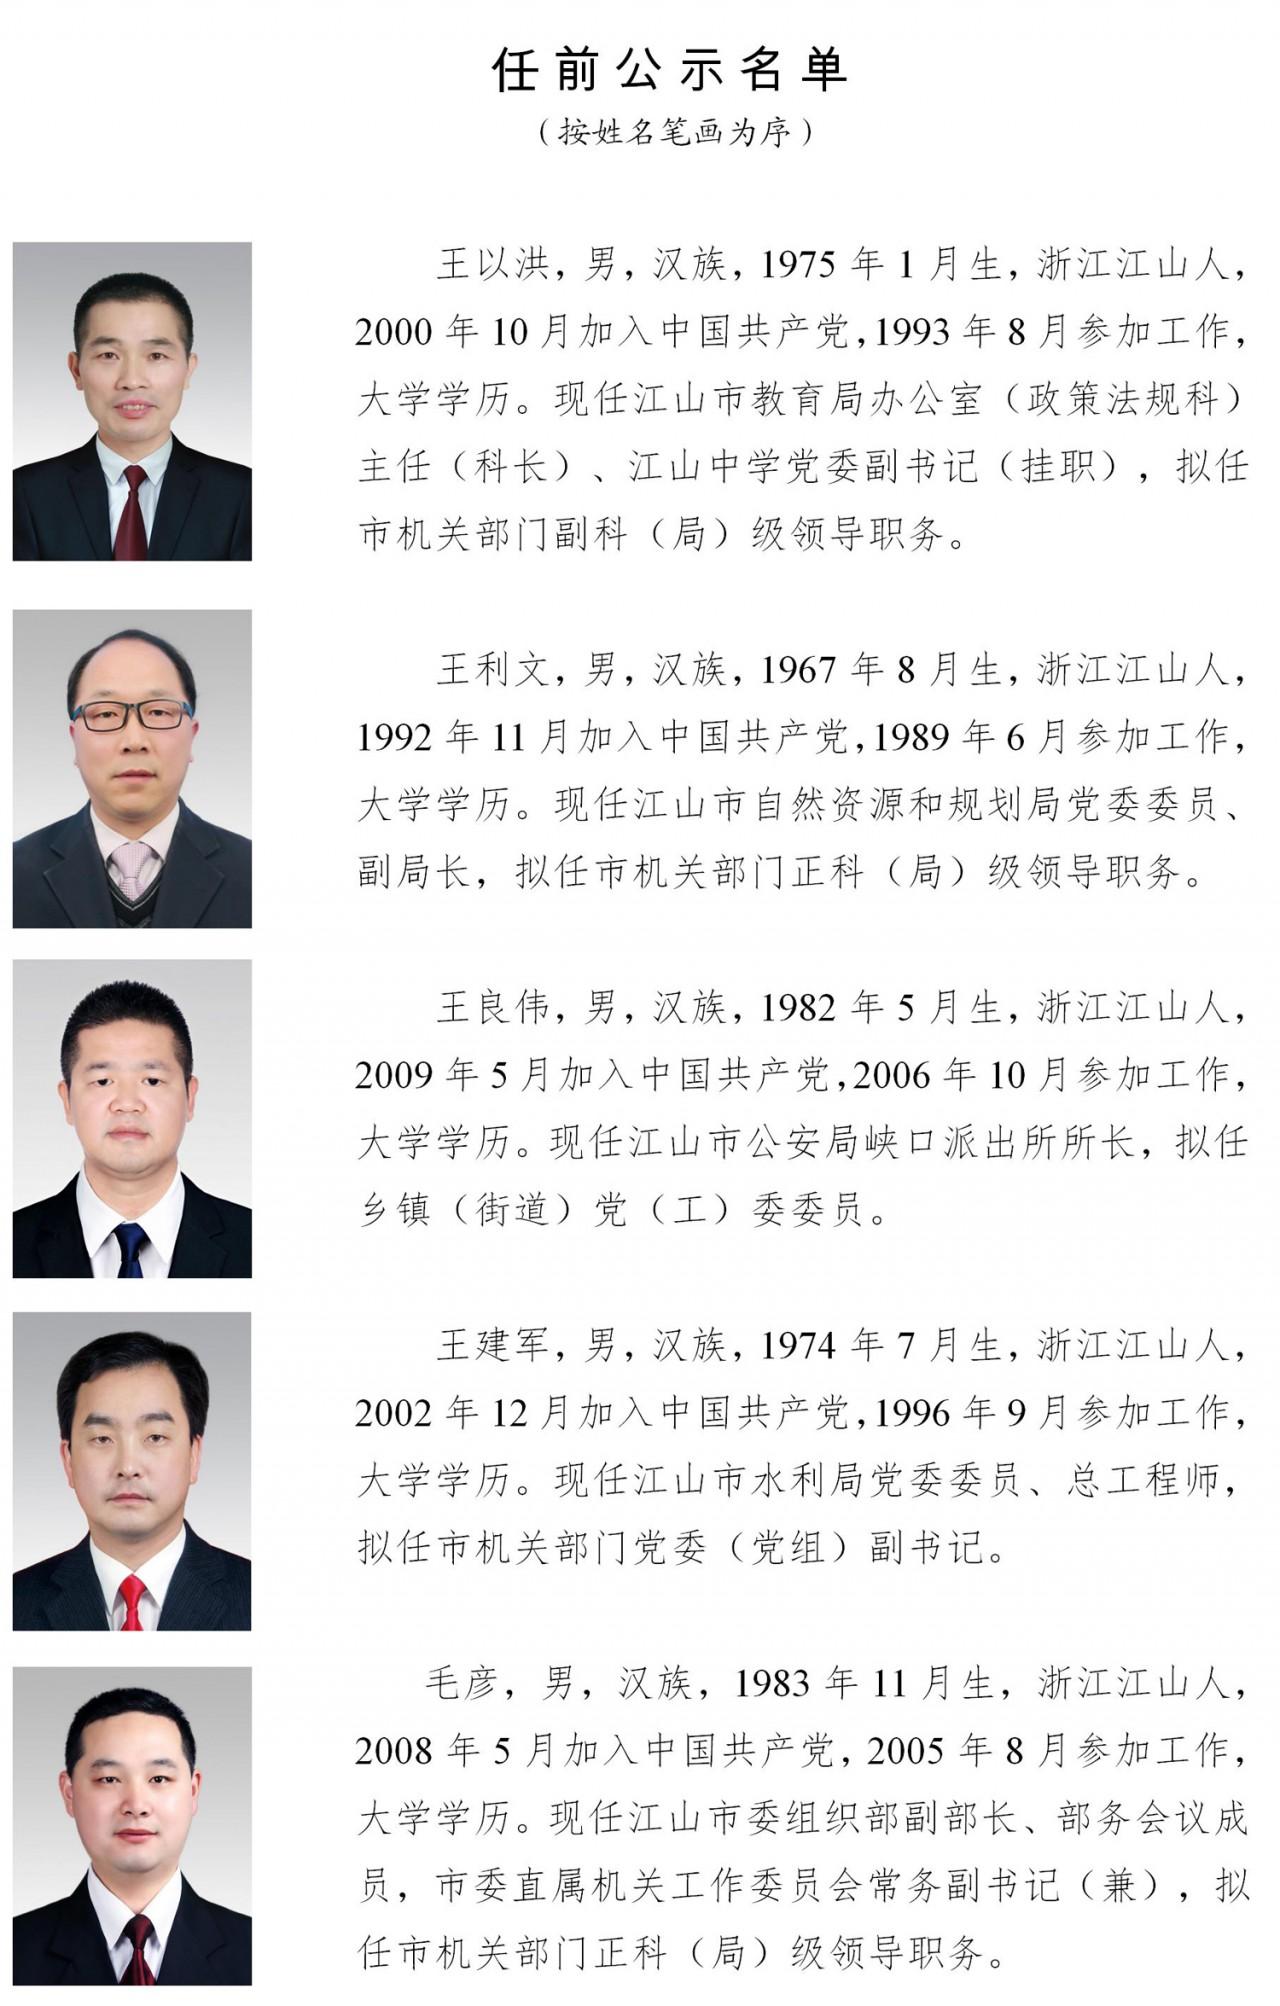 江山市領導干部任前公示通告-.jpg